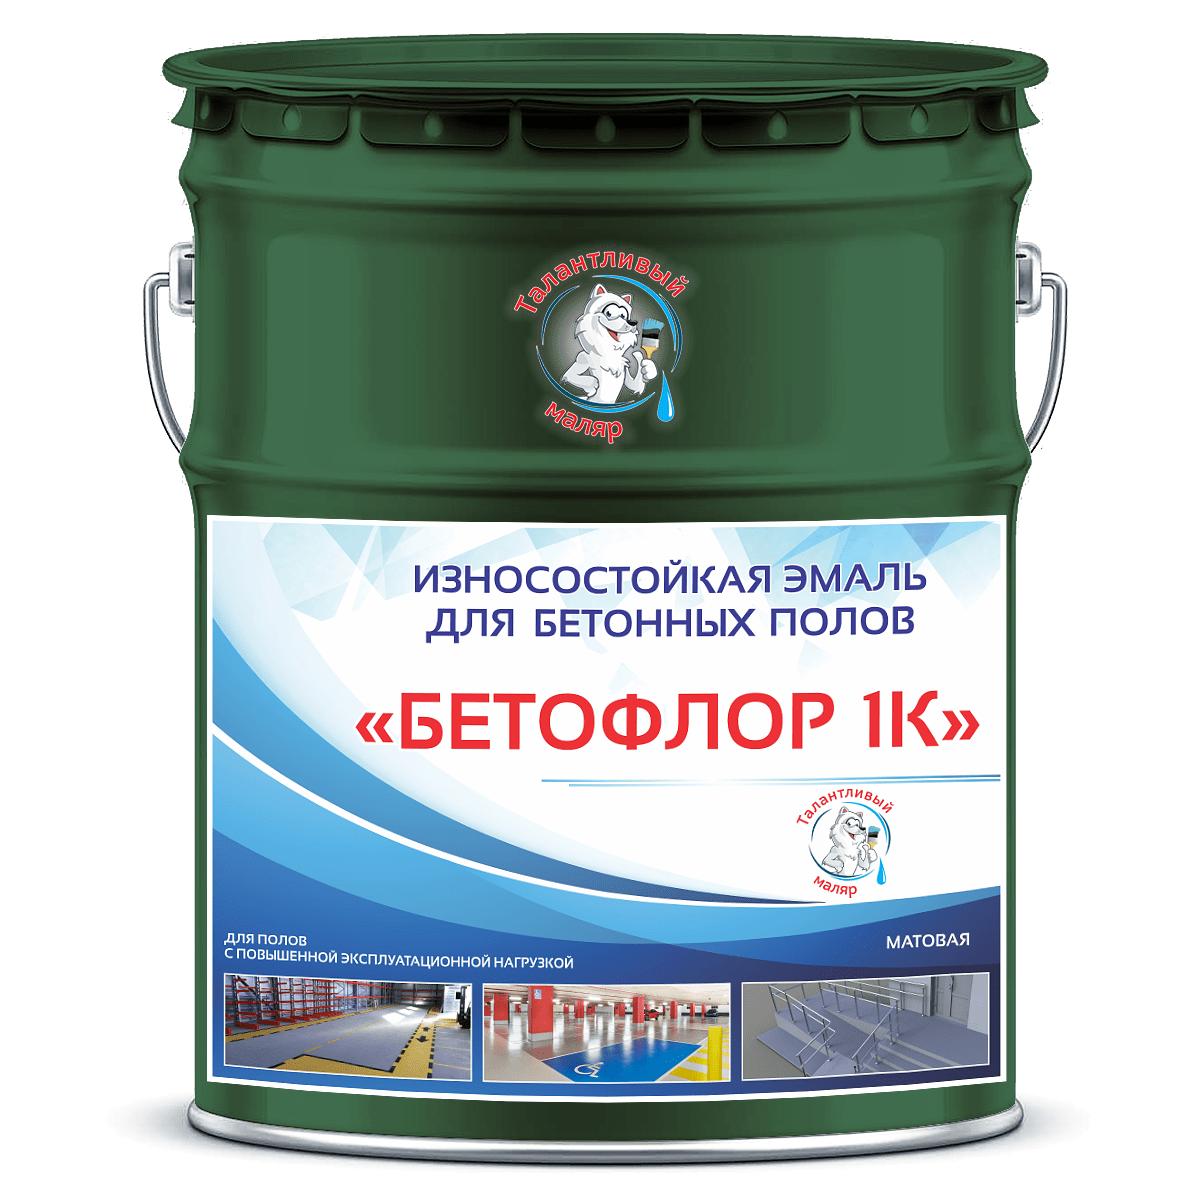 """Фото 10 - BF6009 Эмаль для бетонных полов """"Бетофлор"""" 1К цвет RAL 6009 Зеленая пихта, матовая износостойкая, 25 кг """"Талантливый Маляр""""."""